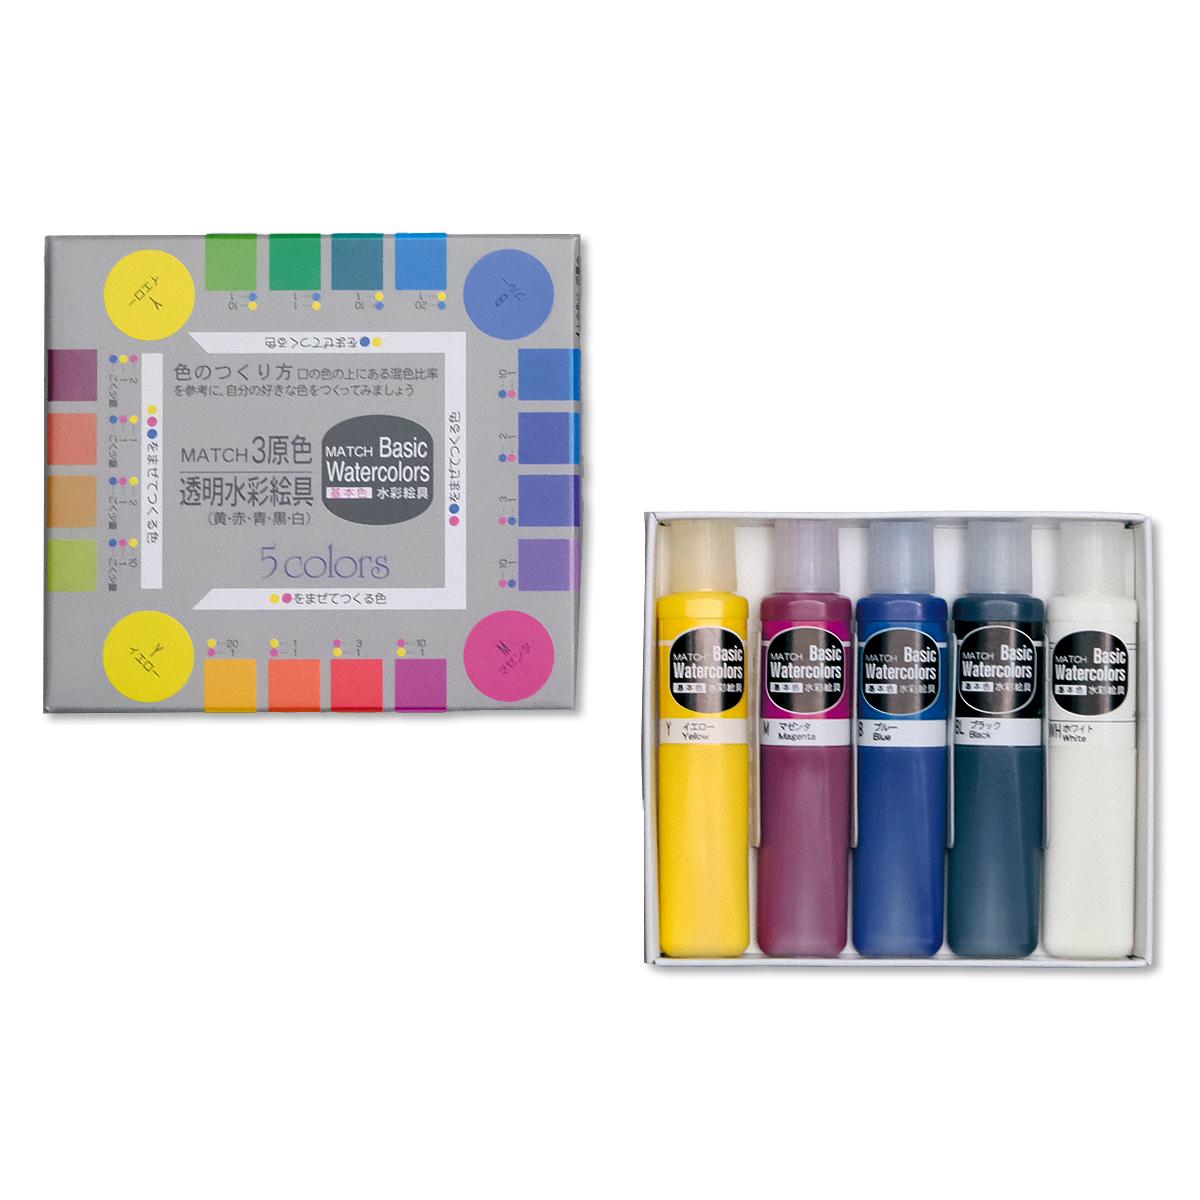 混色でお好みの鮮明な色が自由に作れます メール便可 マッチ ベーシックカラー 5本入 セール 三原色セット まとめ買い特価 10mL 透明水彩絵の具